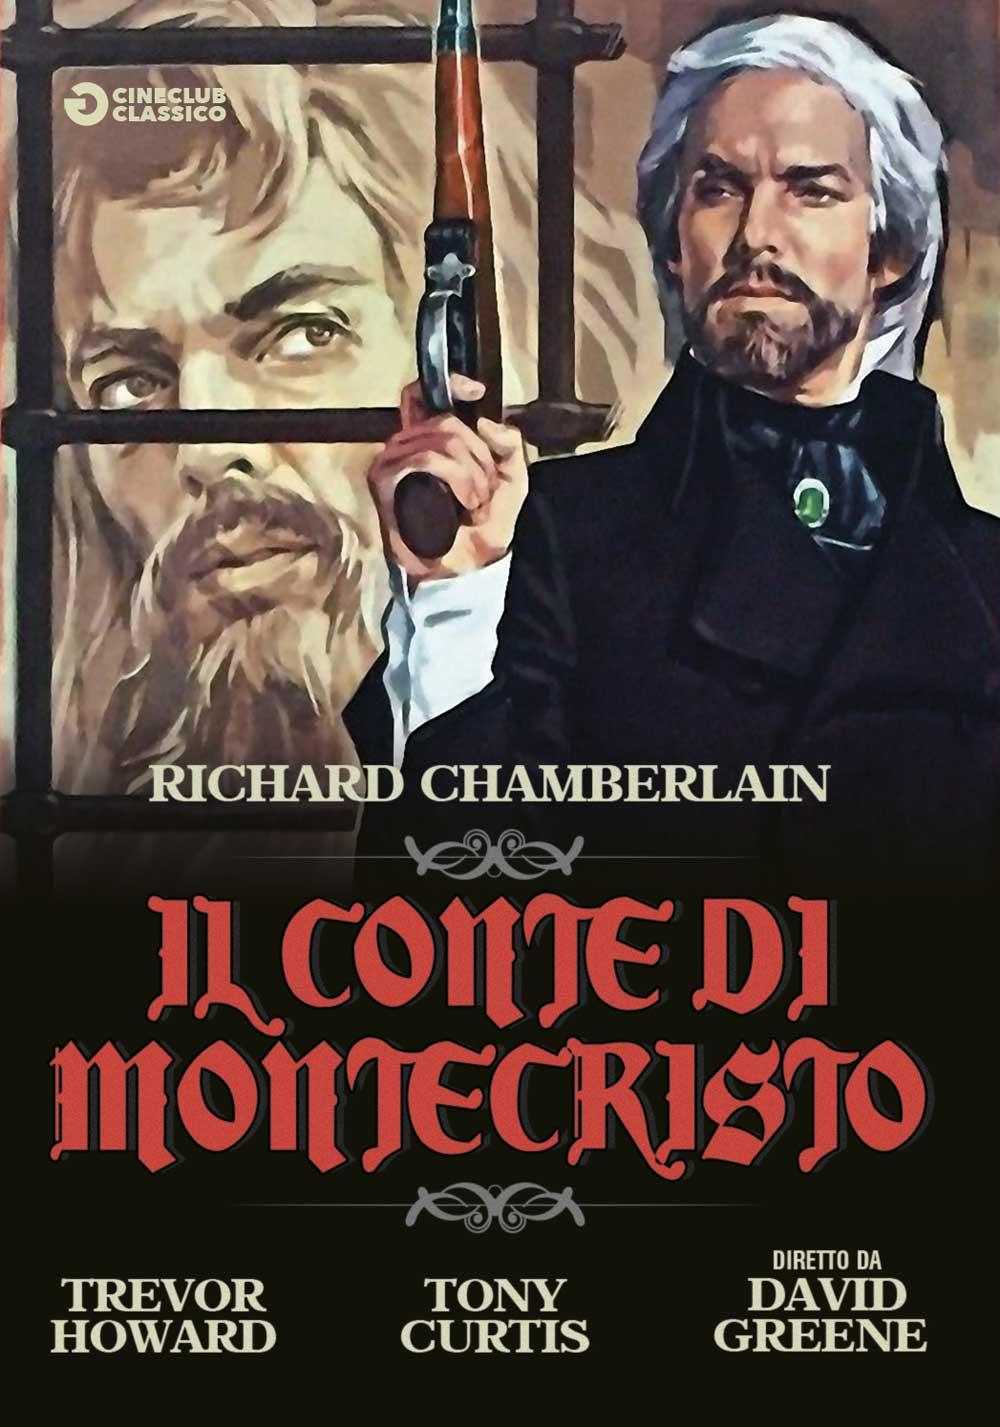 IL CONTE DI MONTECRISTO - 1975 (DVD)